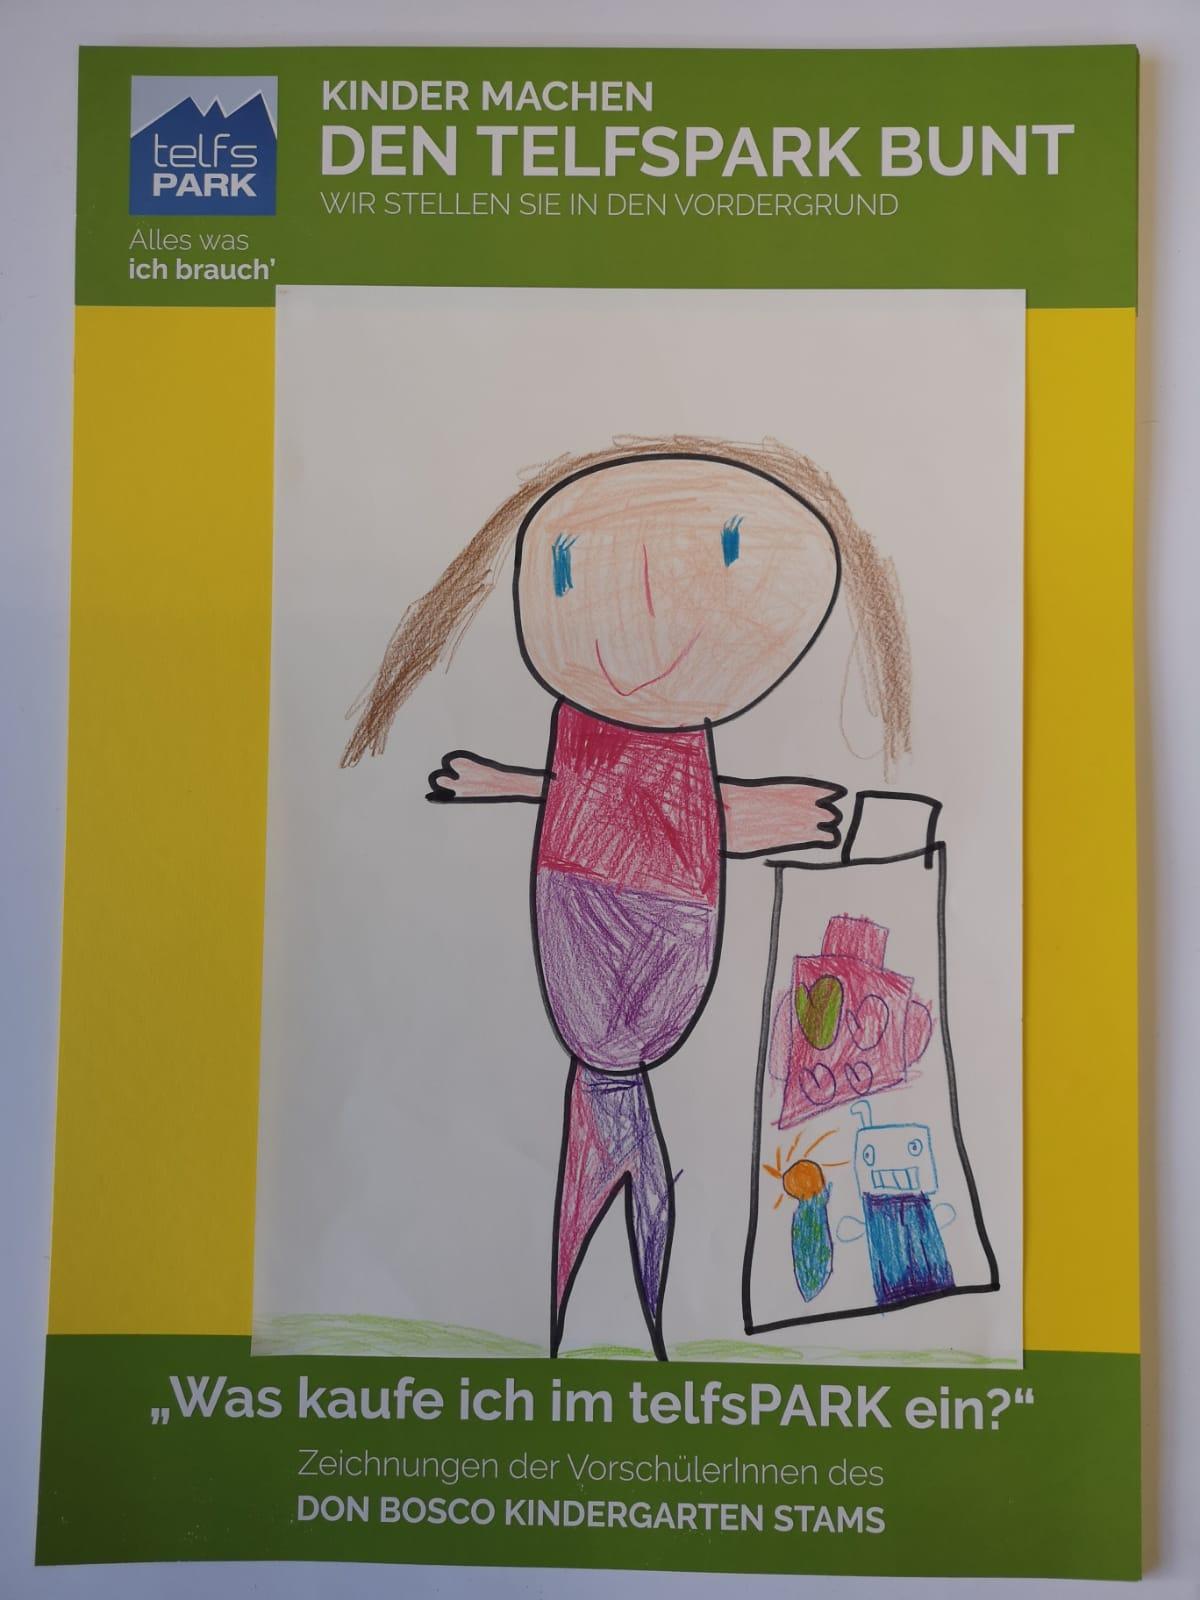 kindergarten-stams-15.jpg